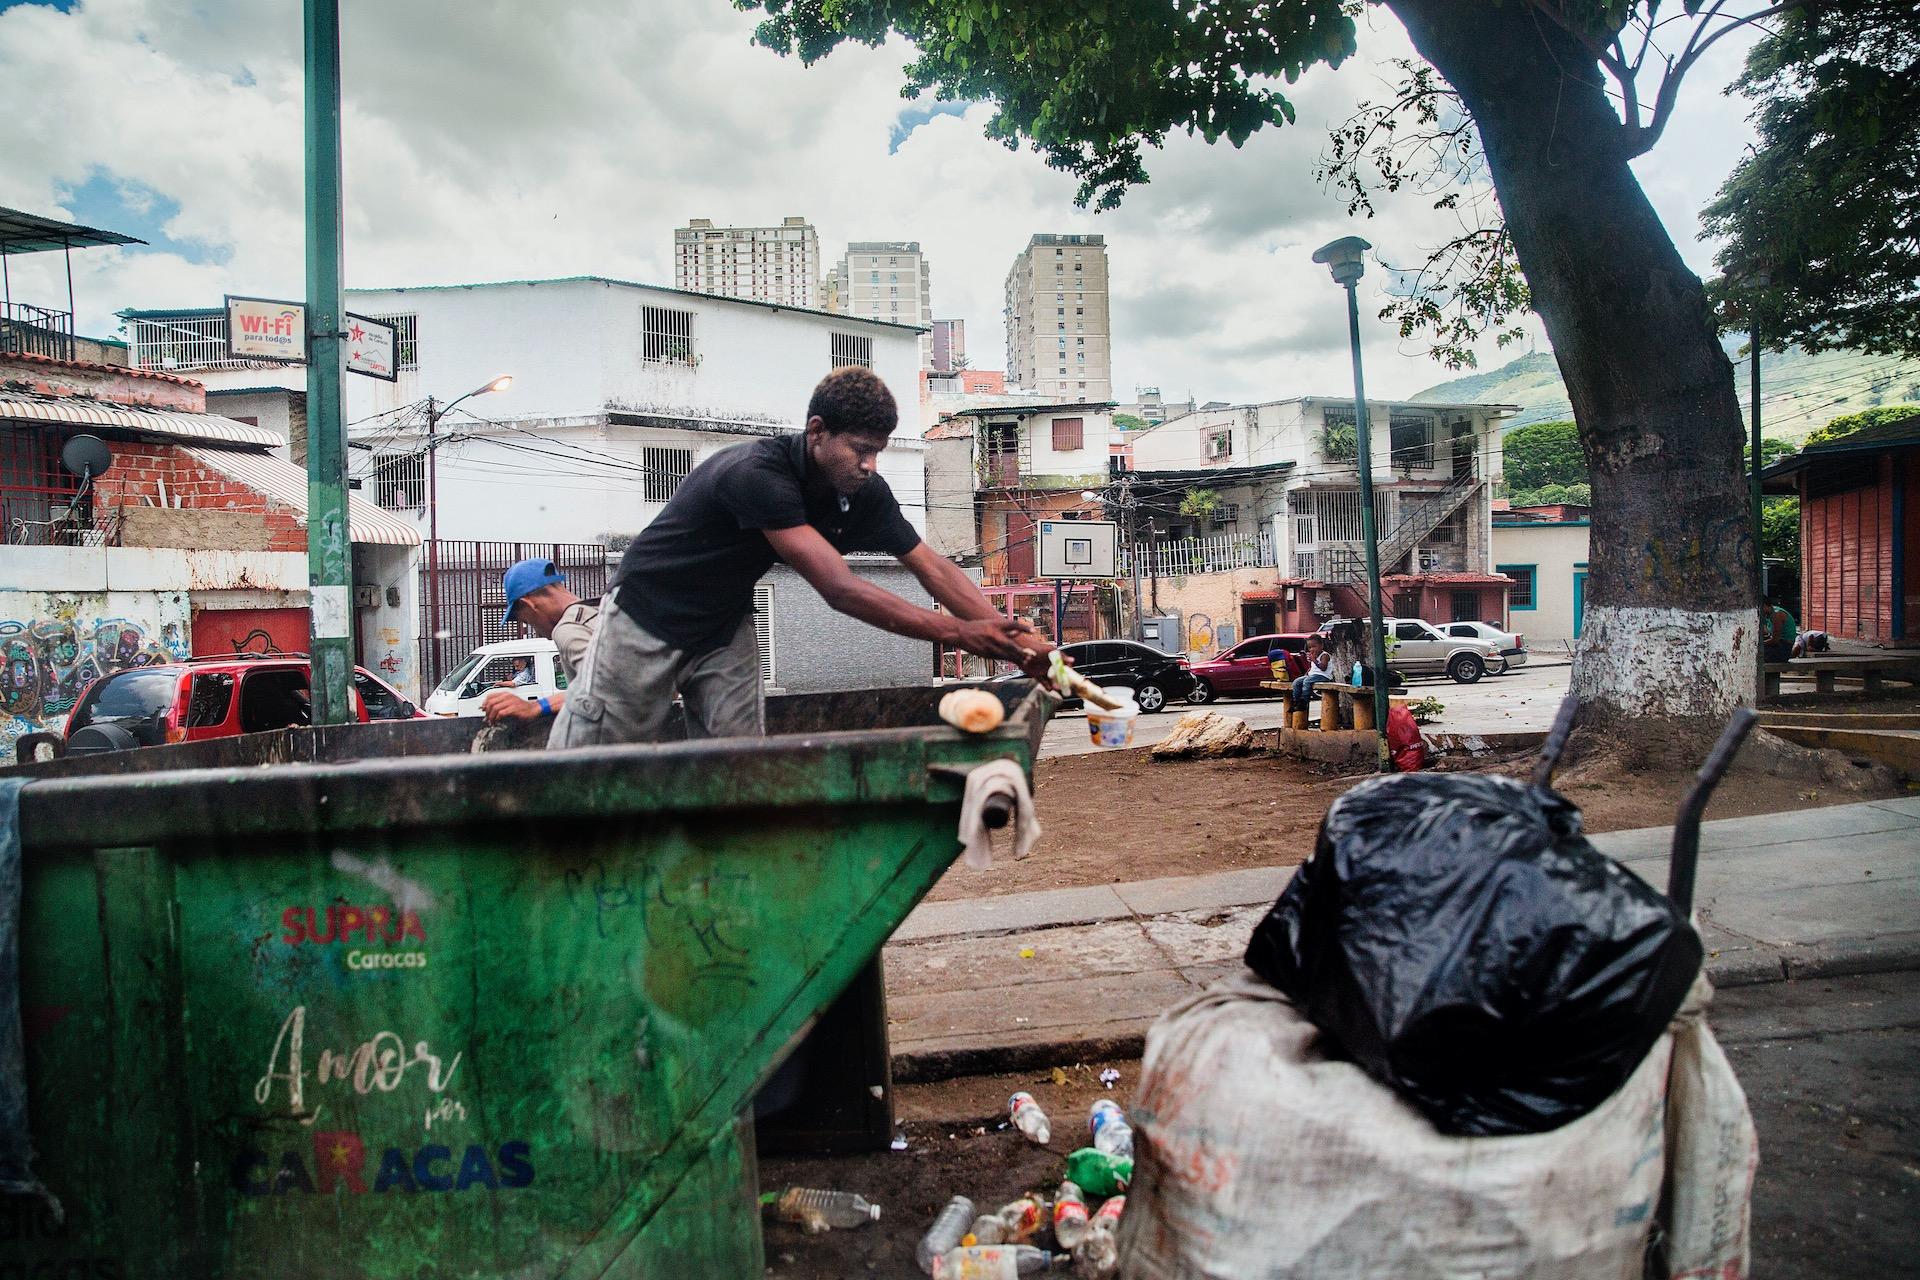 Venezuela CaracasTwee mannen zoeken tussen het vuil of ze iets bruikbaars of te eten kunnen vinden. Vanwege de crisis kunnen veel mensen zich niet voldoende voorzien in hun dagelijkse levensbehoeften. .